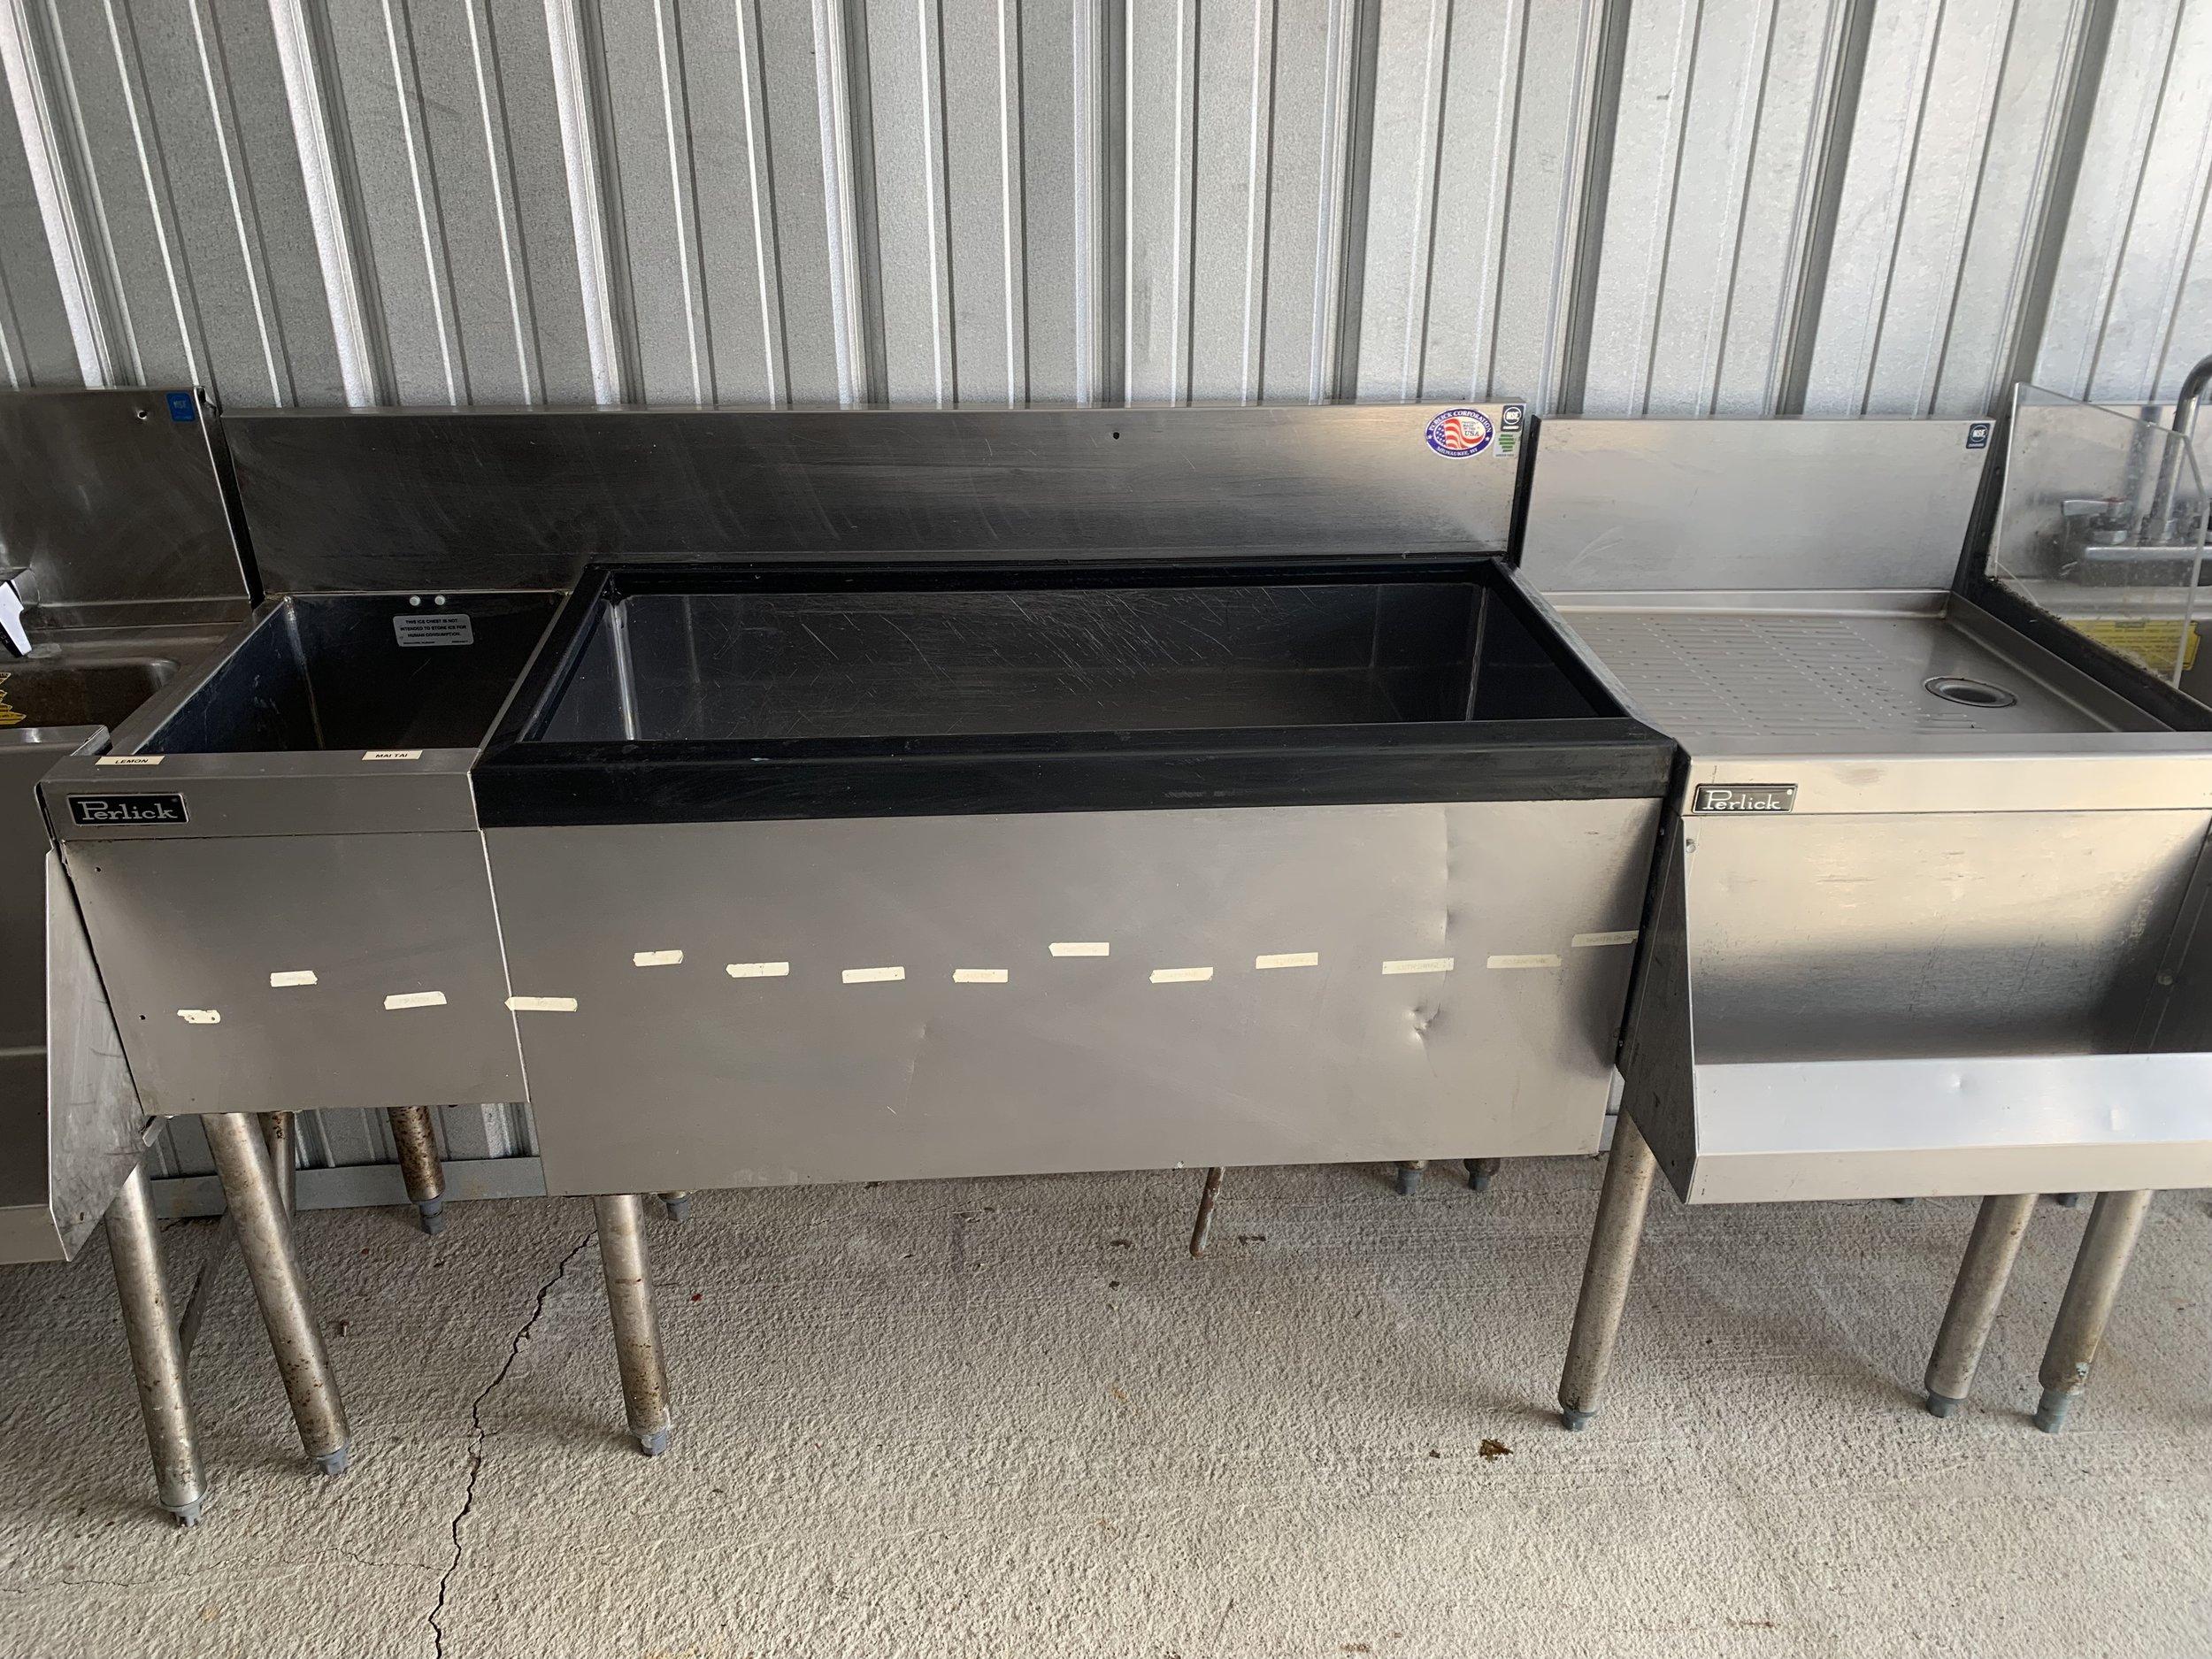 """Perlick 12"""" Dump Sink, Perlick 36"""" Ice Bin with Built-in Coldplate, Perlick 18"""" drainboard"""